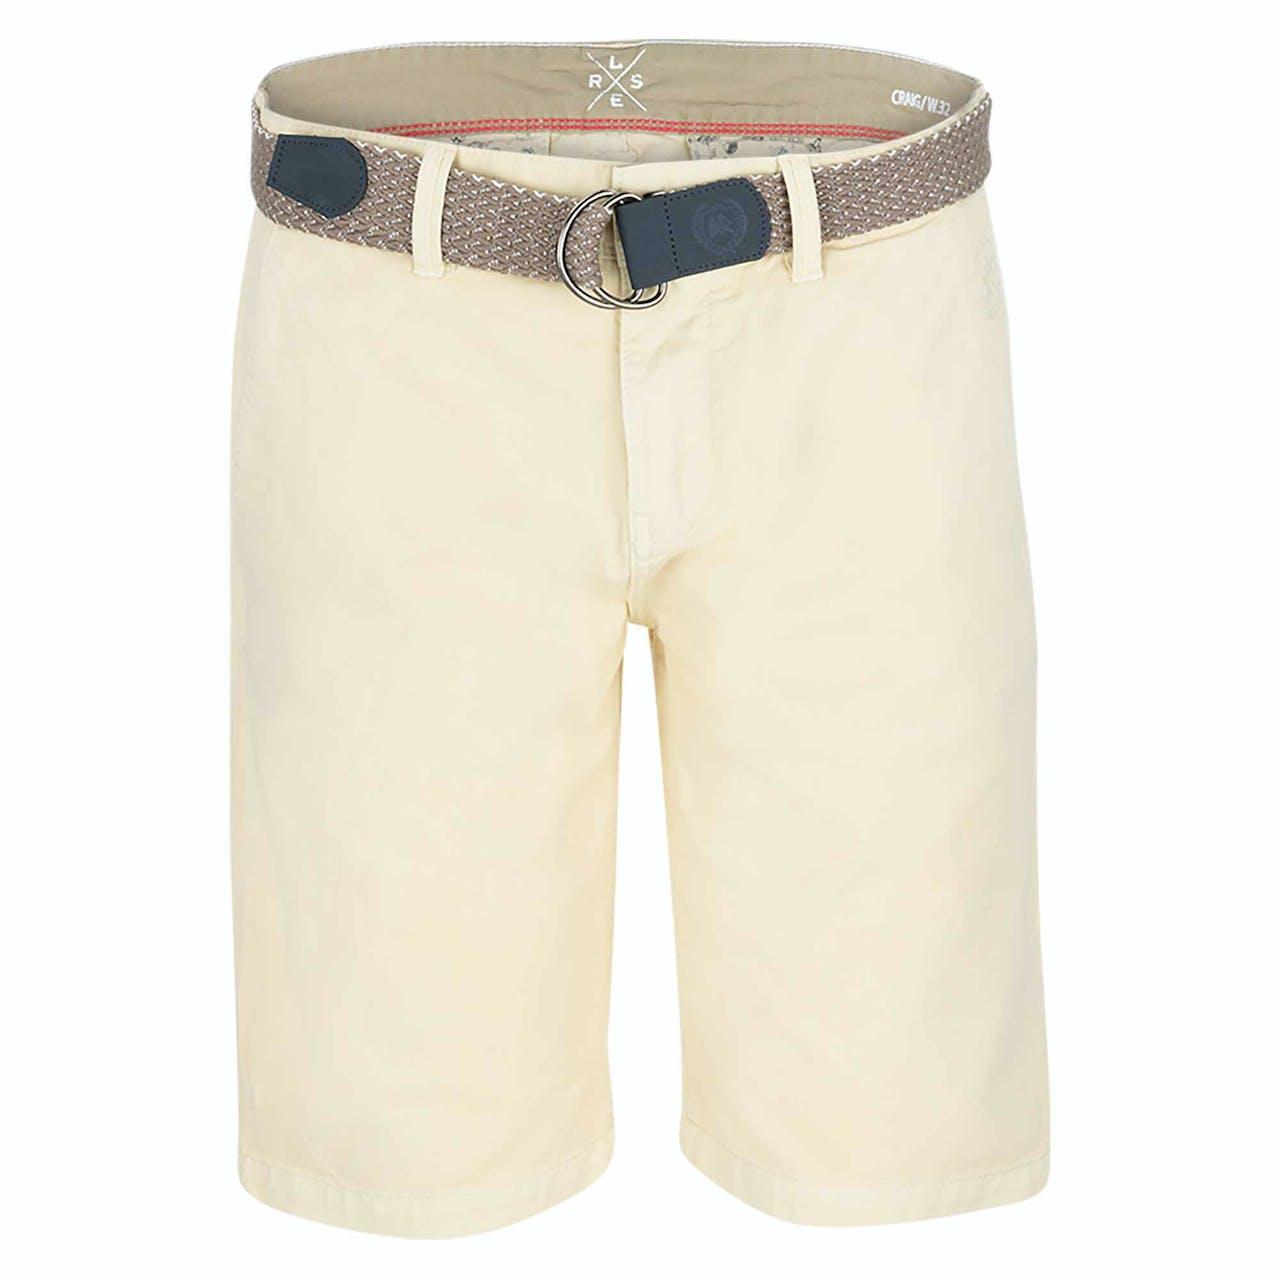 Chino-Shorts - Regular Fit - Craig